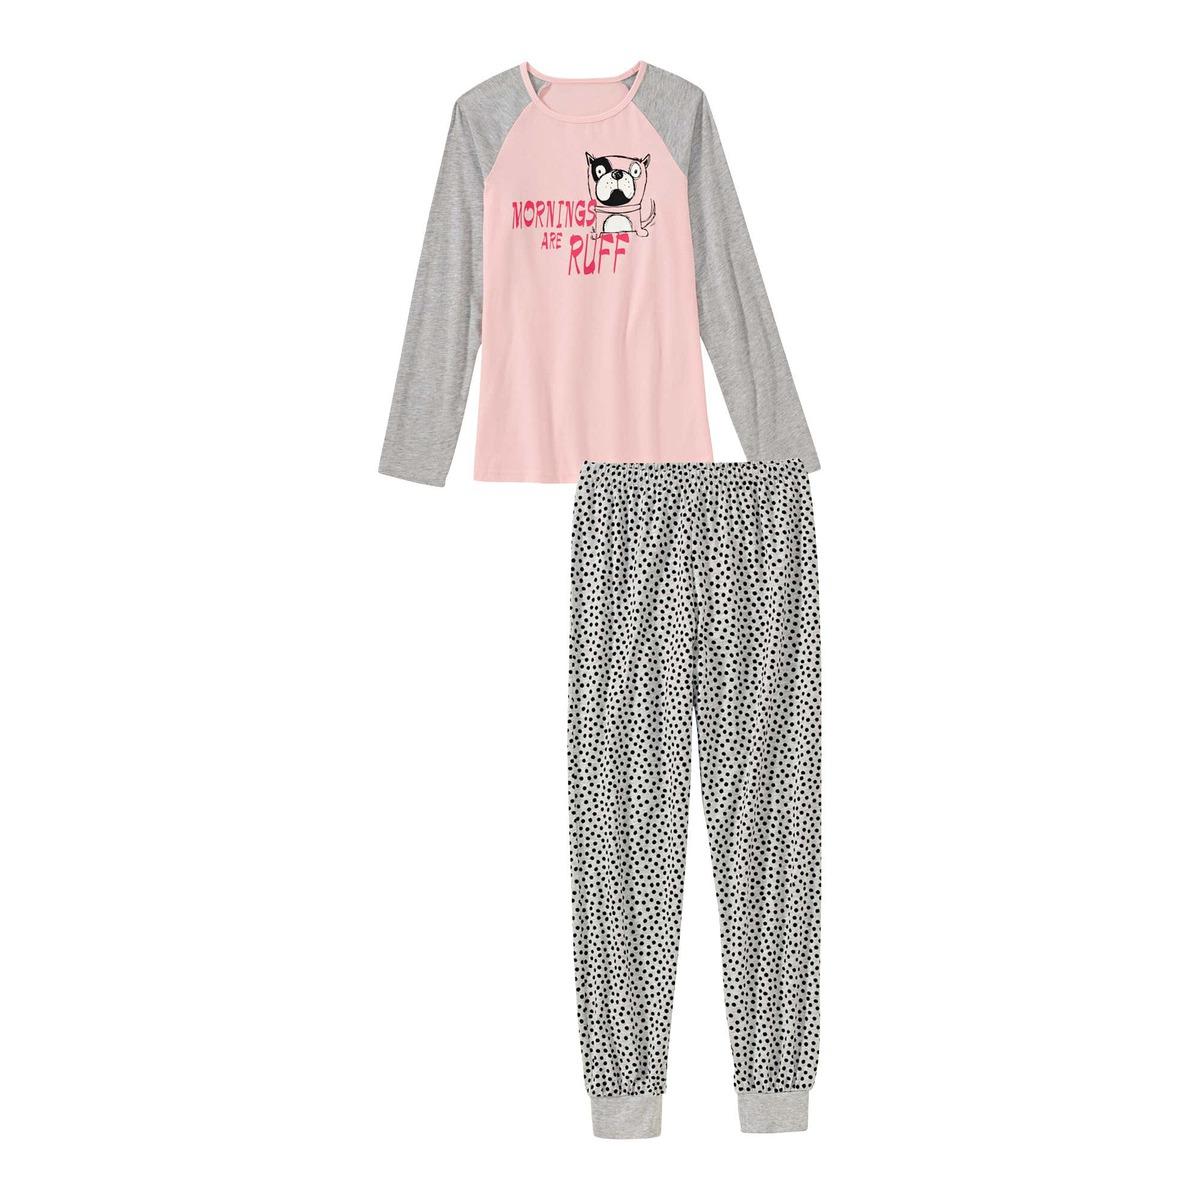 Bild 1 von Mädchen-Schlafanzug mit Hunde-Motiv, 2-teilig